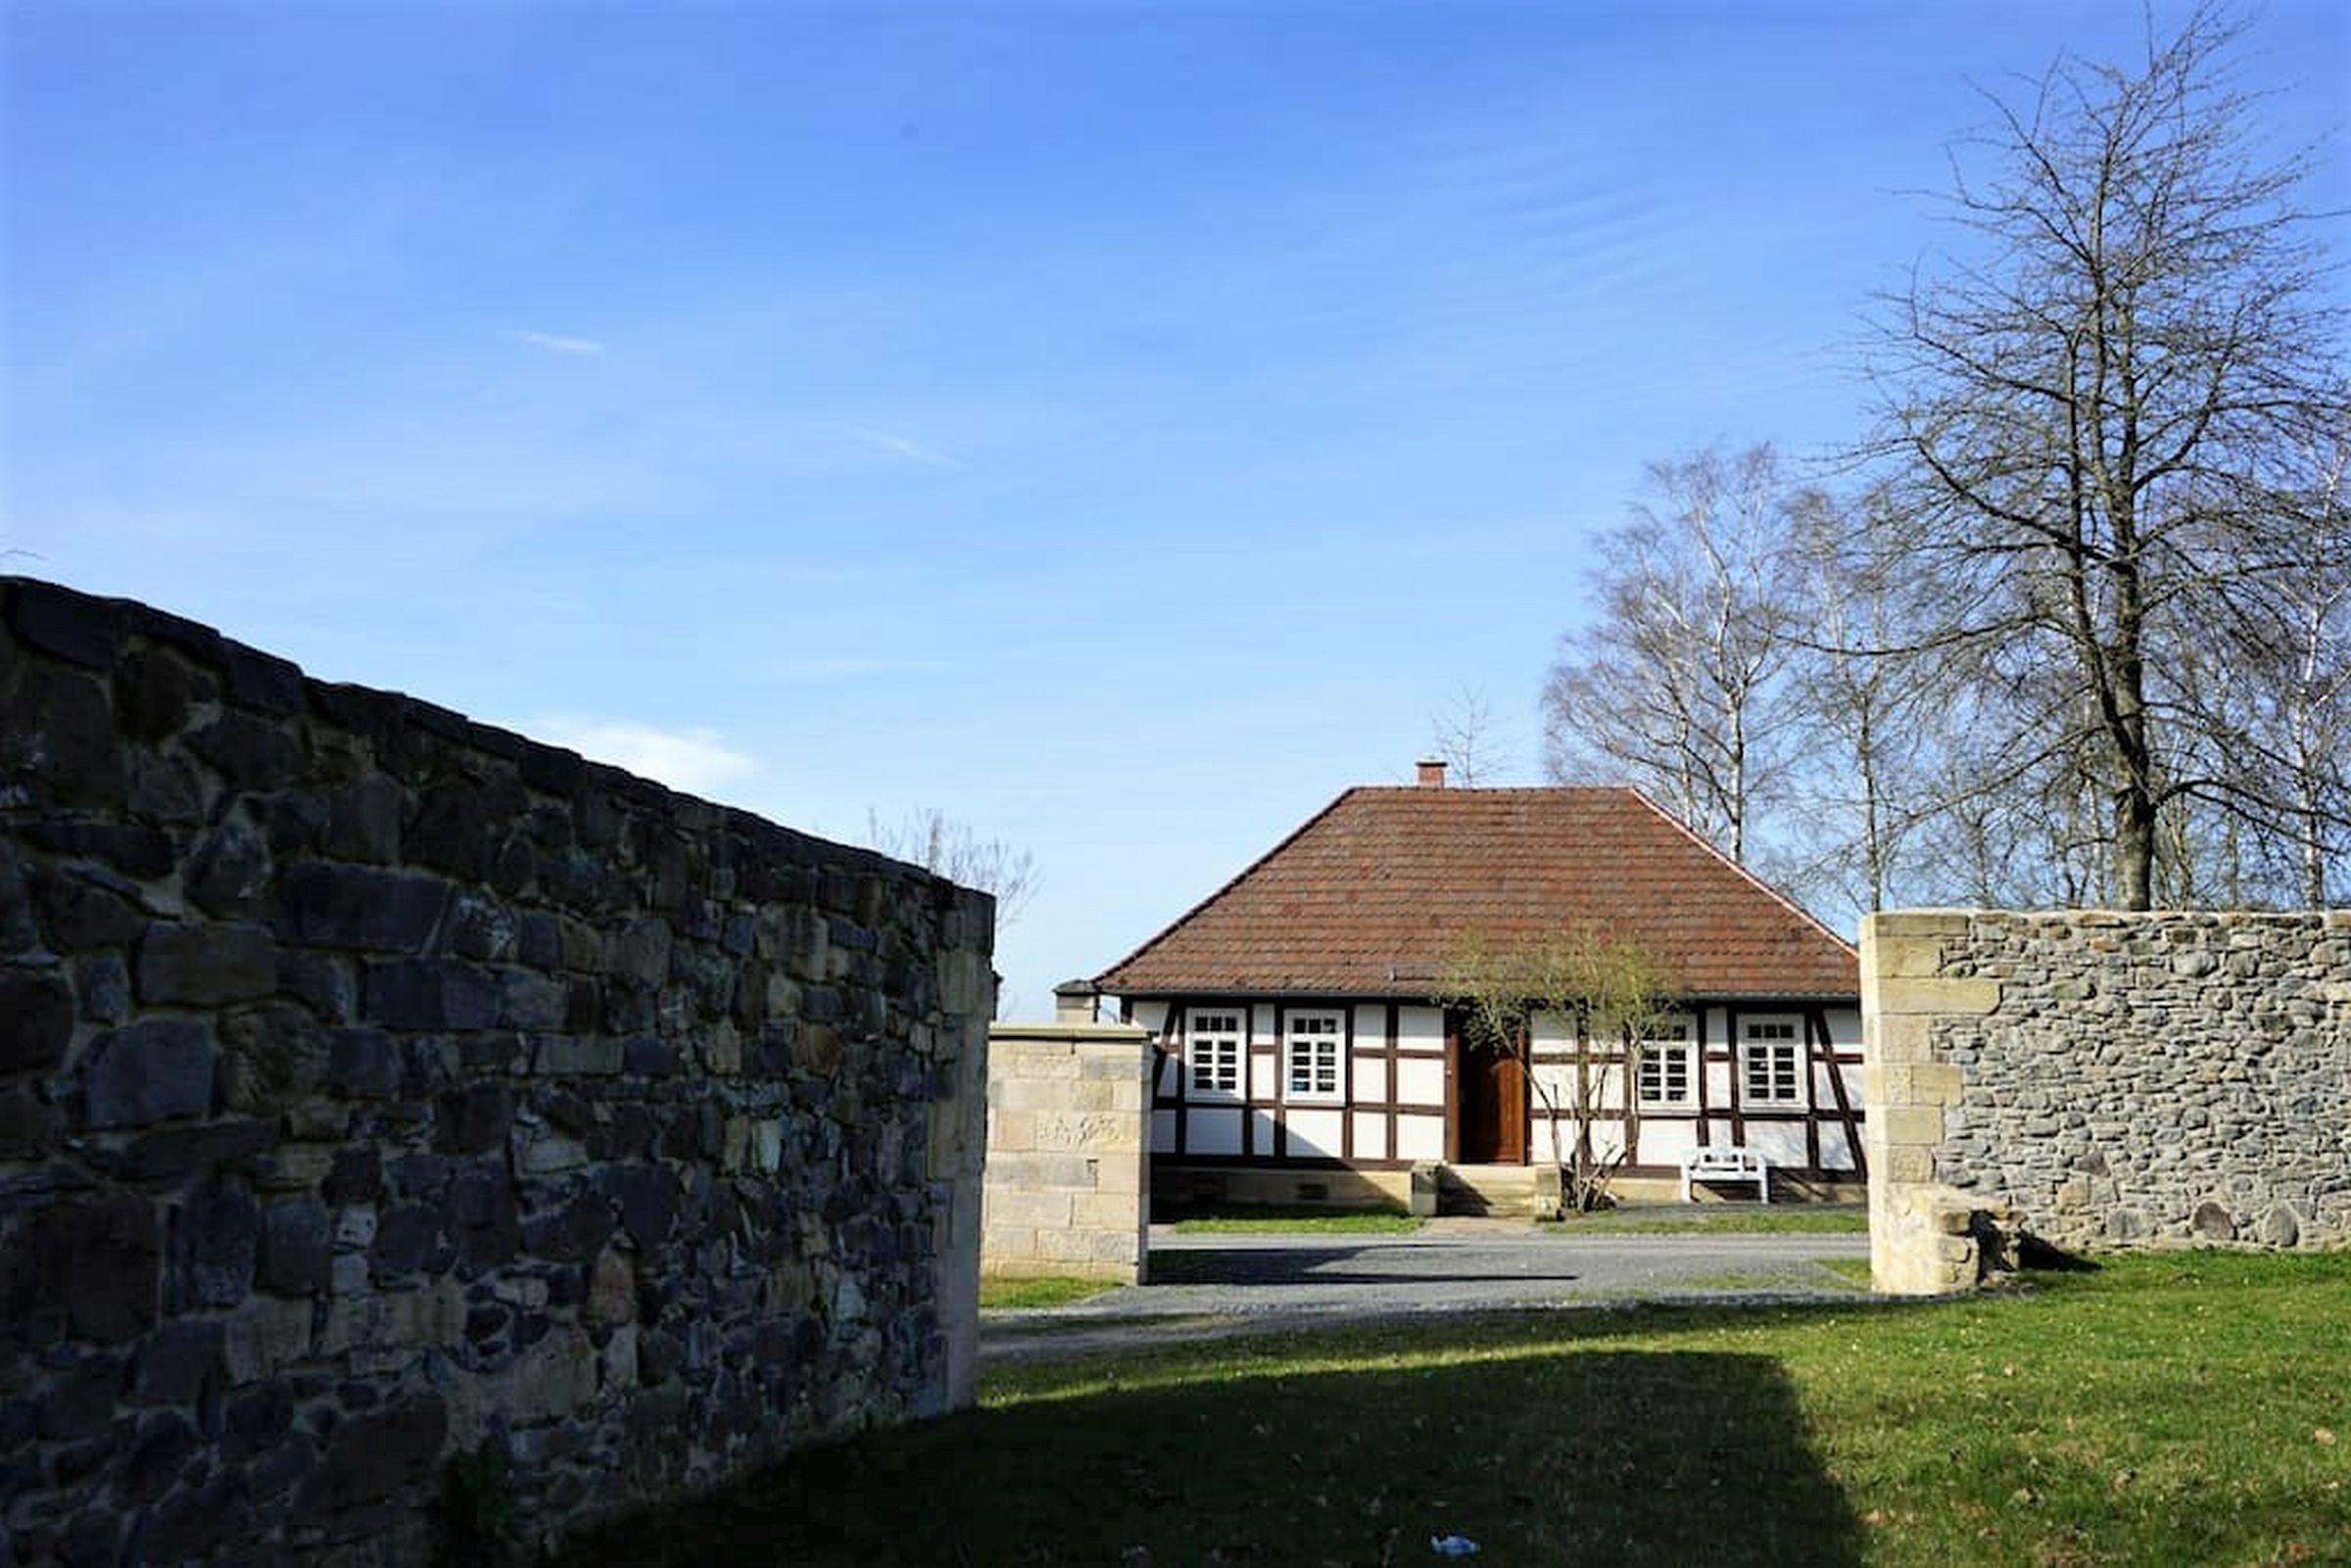 Ferienhaus Gutshof Gästehaus (Frielendorf). Historisches Schäferhaus, 70qm, Terrasse, 1 Schlafzimmer, (2546851), Frielendorf, Nordhessen, Hessen, Deutschland, Bild 5